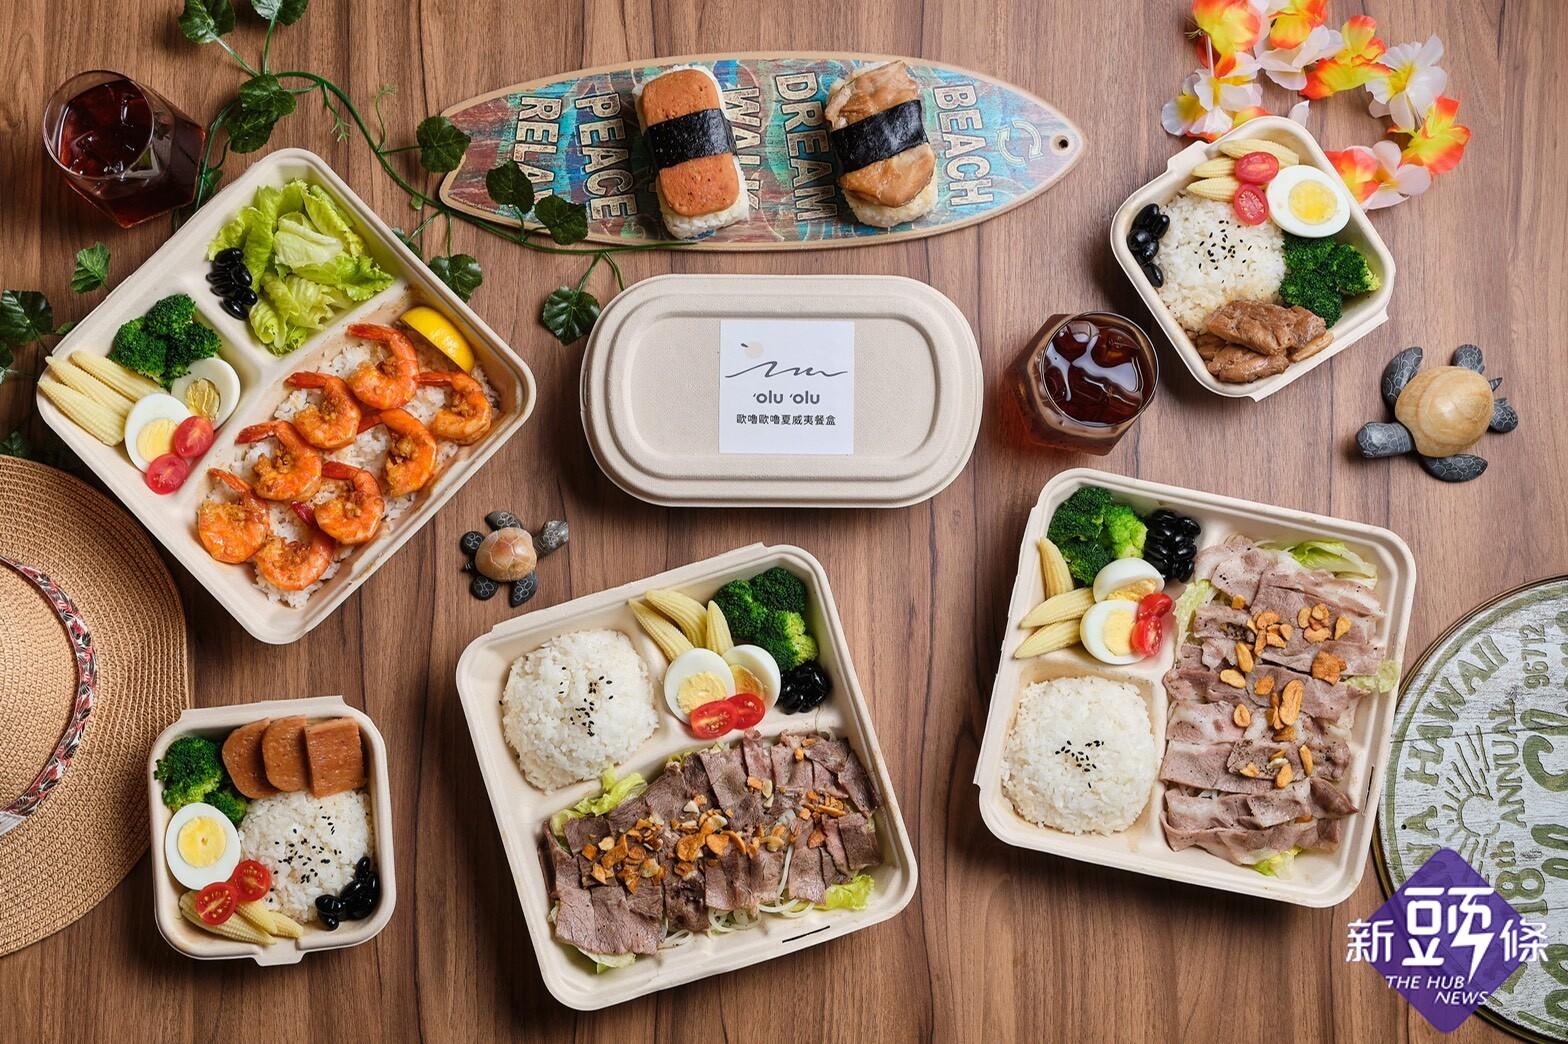 外送美食再加一 內湖歐嚕歐嚕餐廳推夏威夷經典餐盒